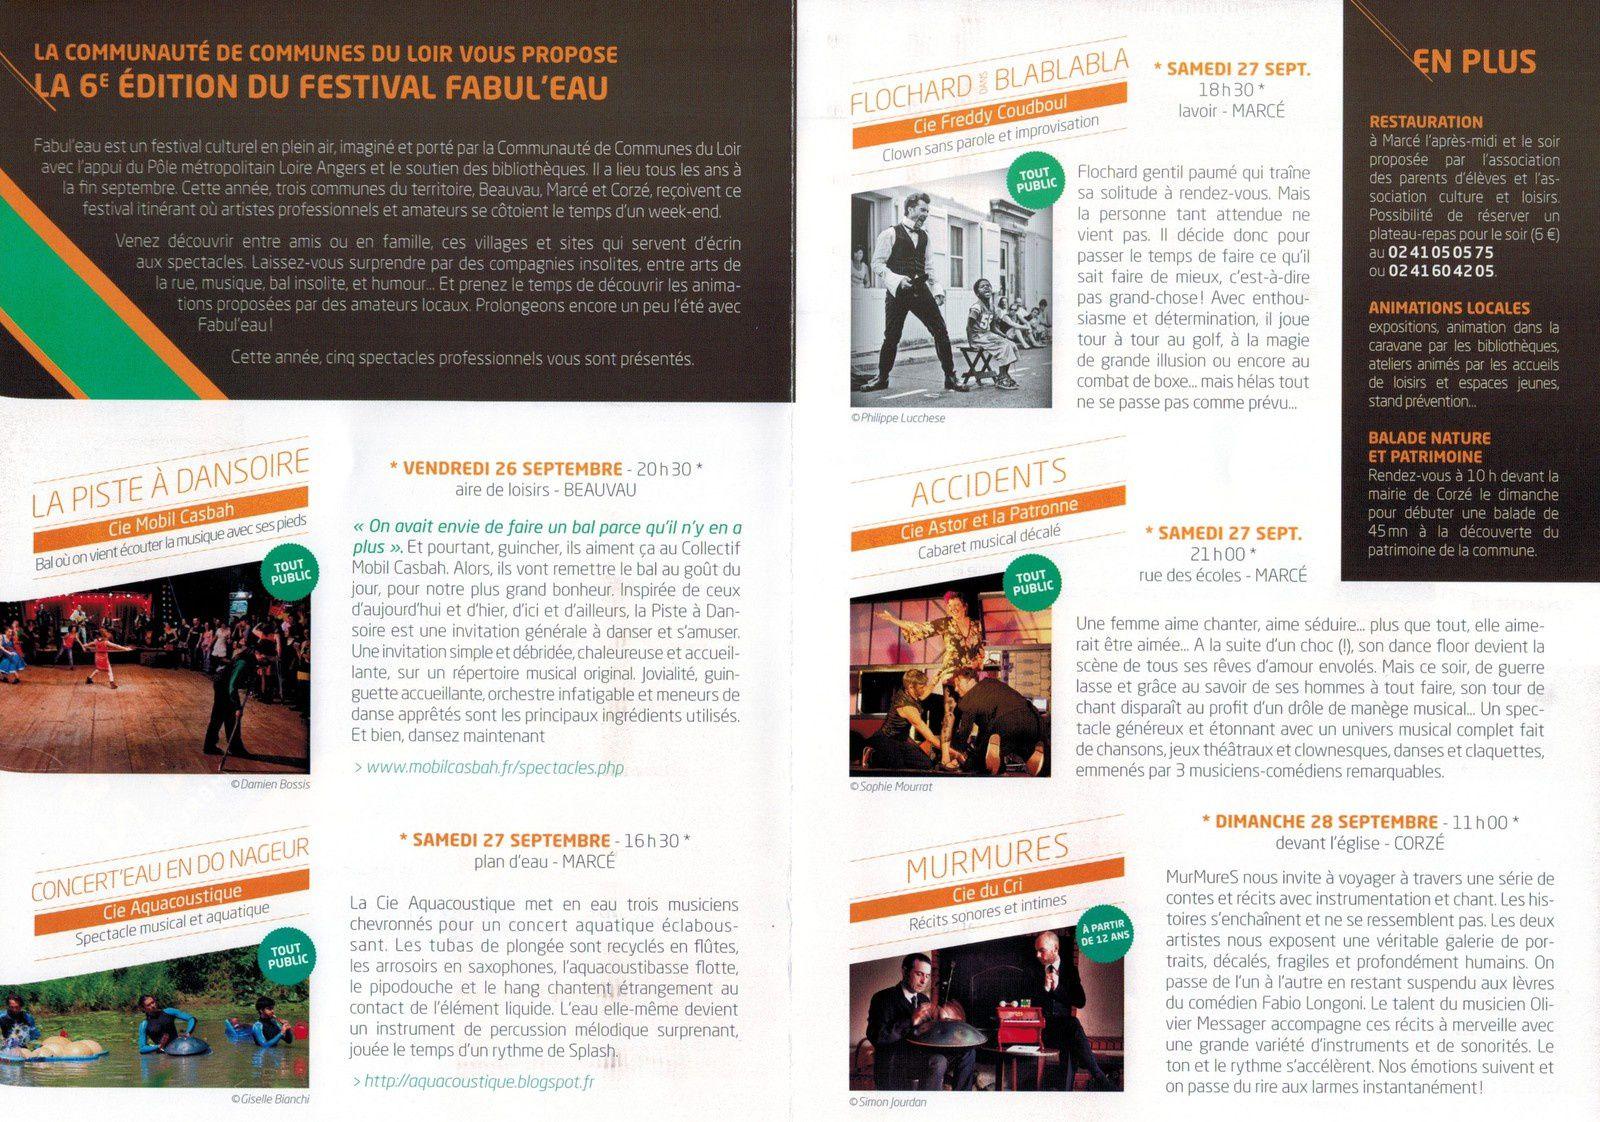 6ème édition du Festival Fabul'eau : 26, 27 et 28 septembre 2014